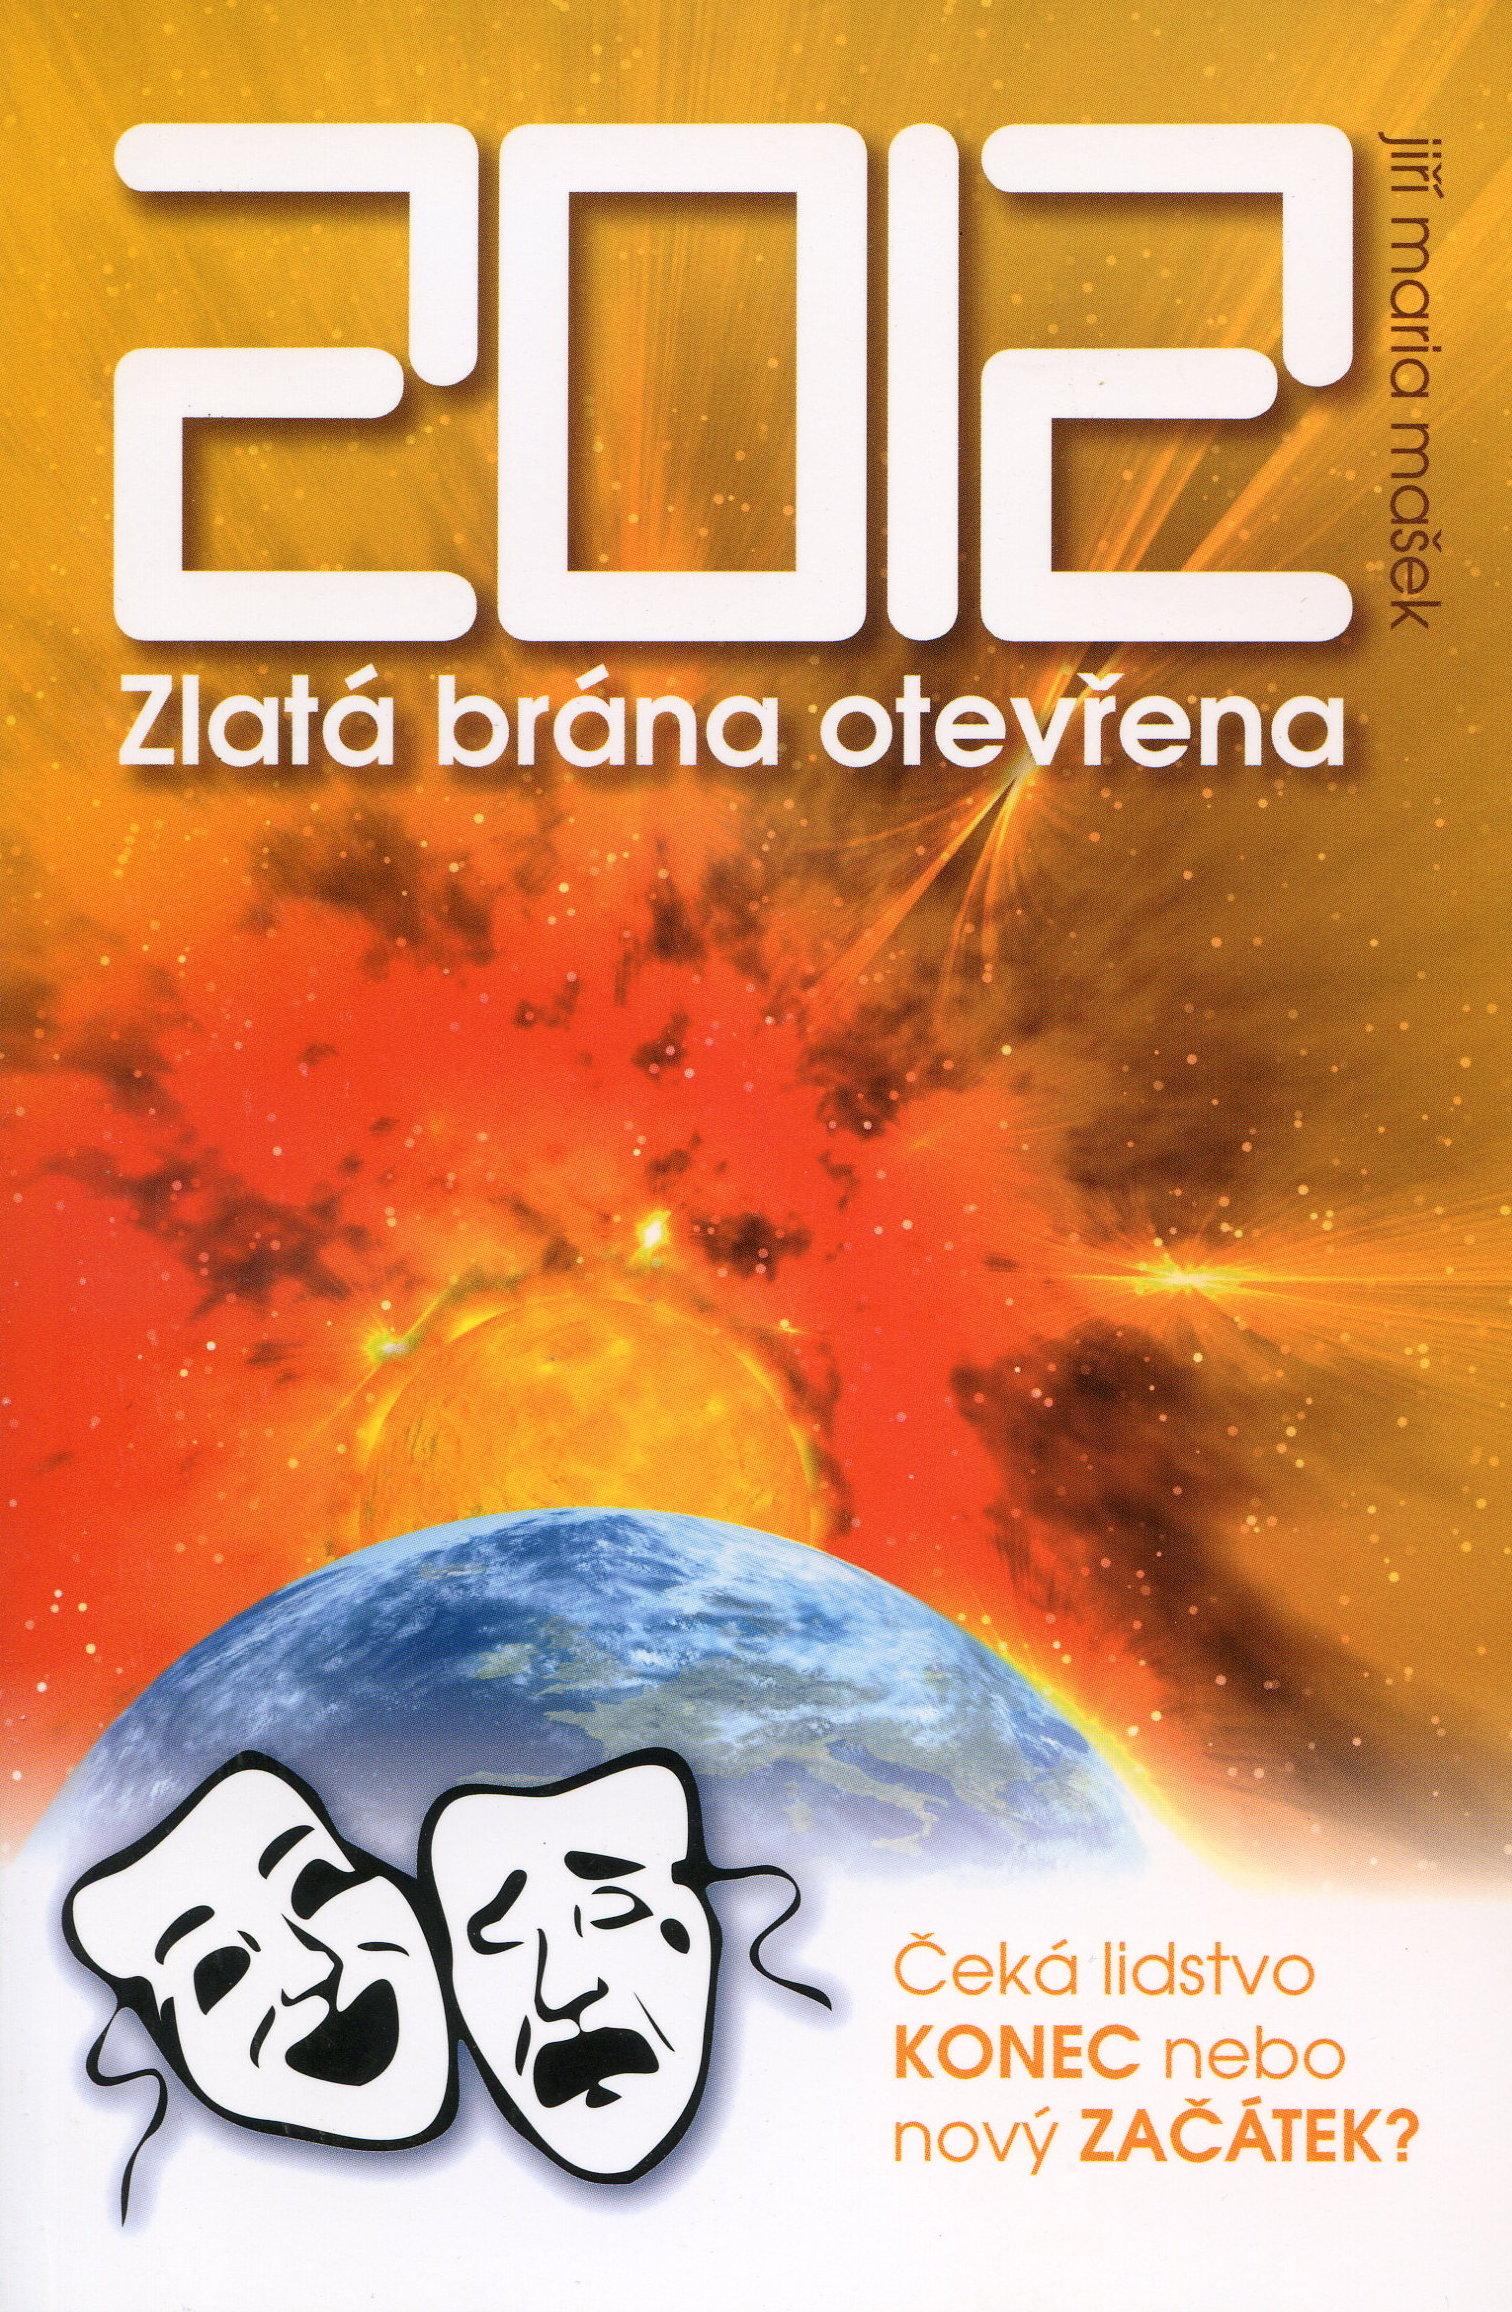 2012 - Zlatá brána otevřena - 1. díl edice Rok 2012 - Čeká lidstvo KONEC nebo nový ZAČÁTEK